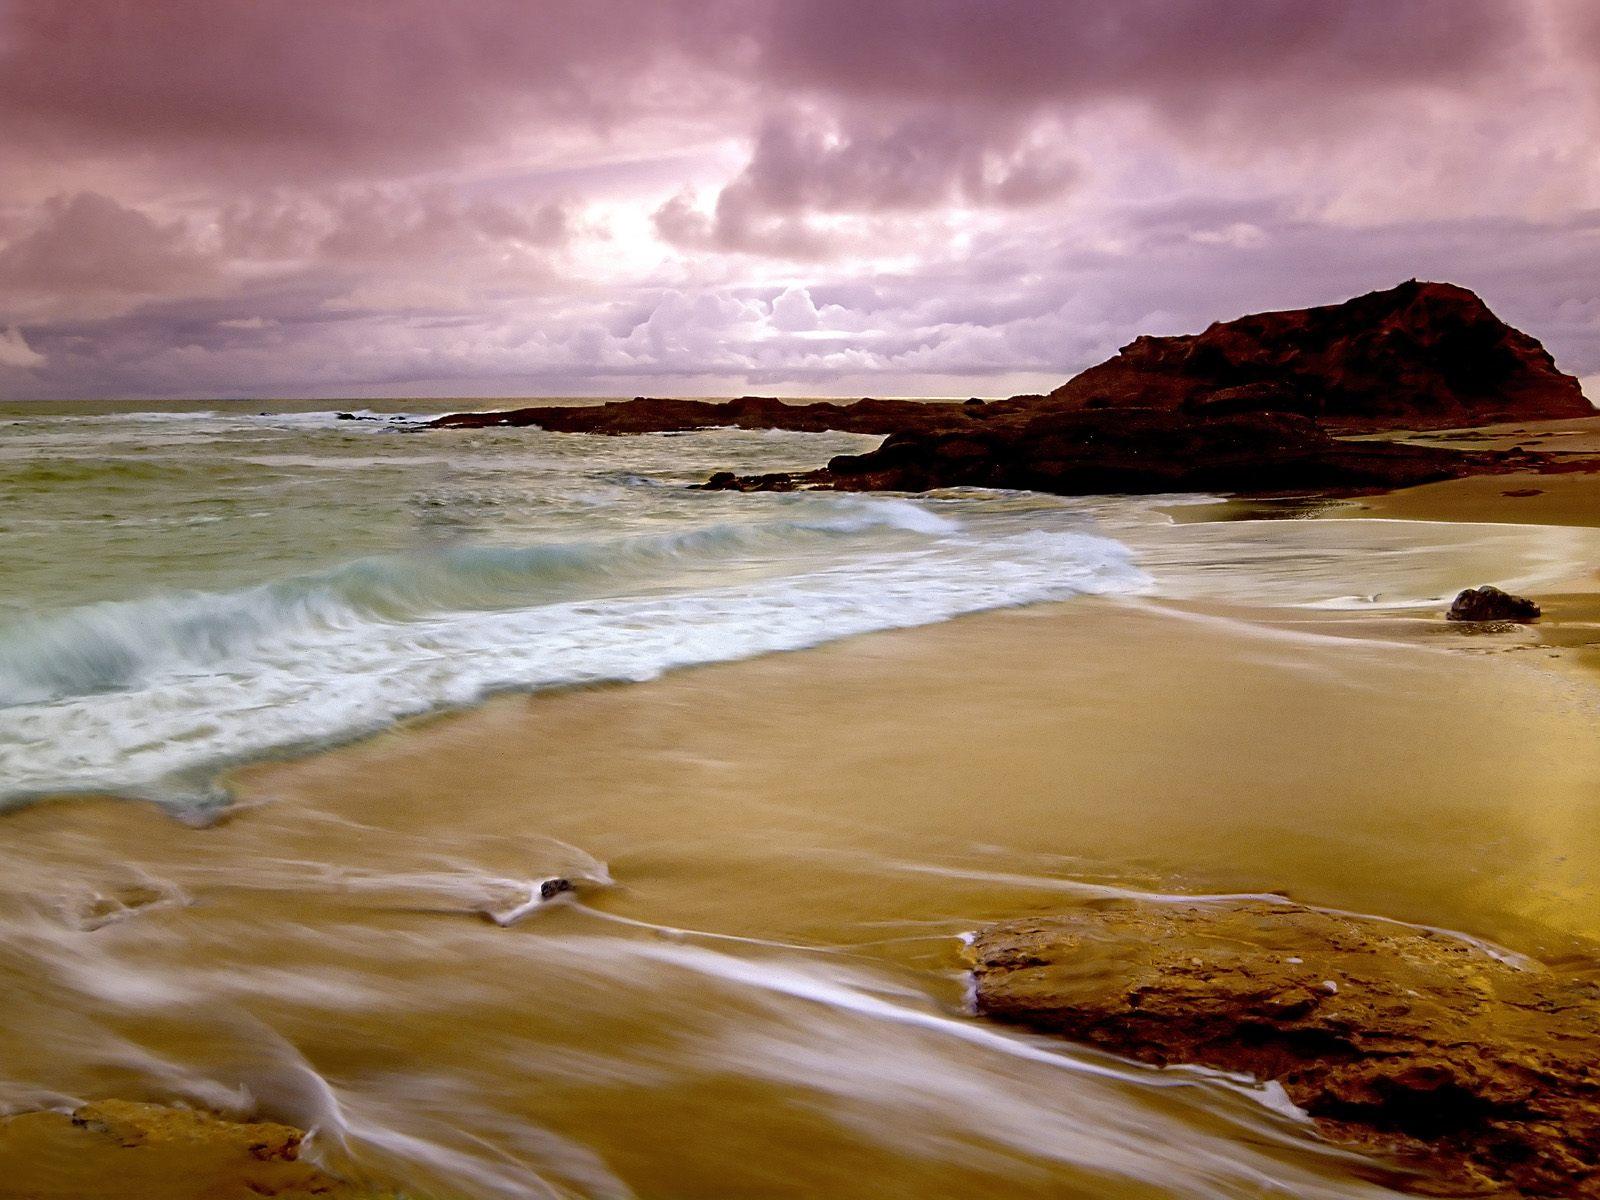 Wallpaper Laguna Beach Beach California Wallpaper 1600x1200